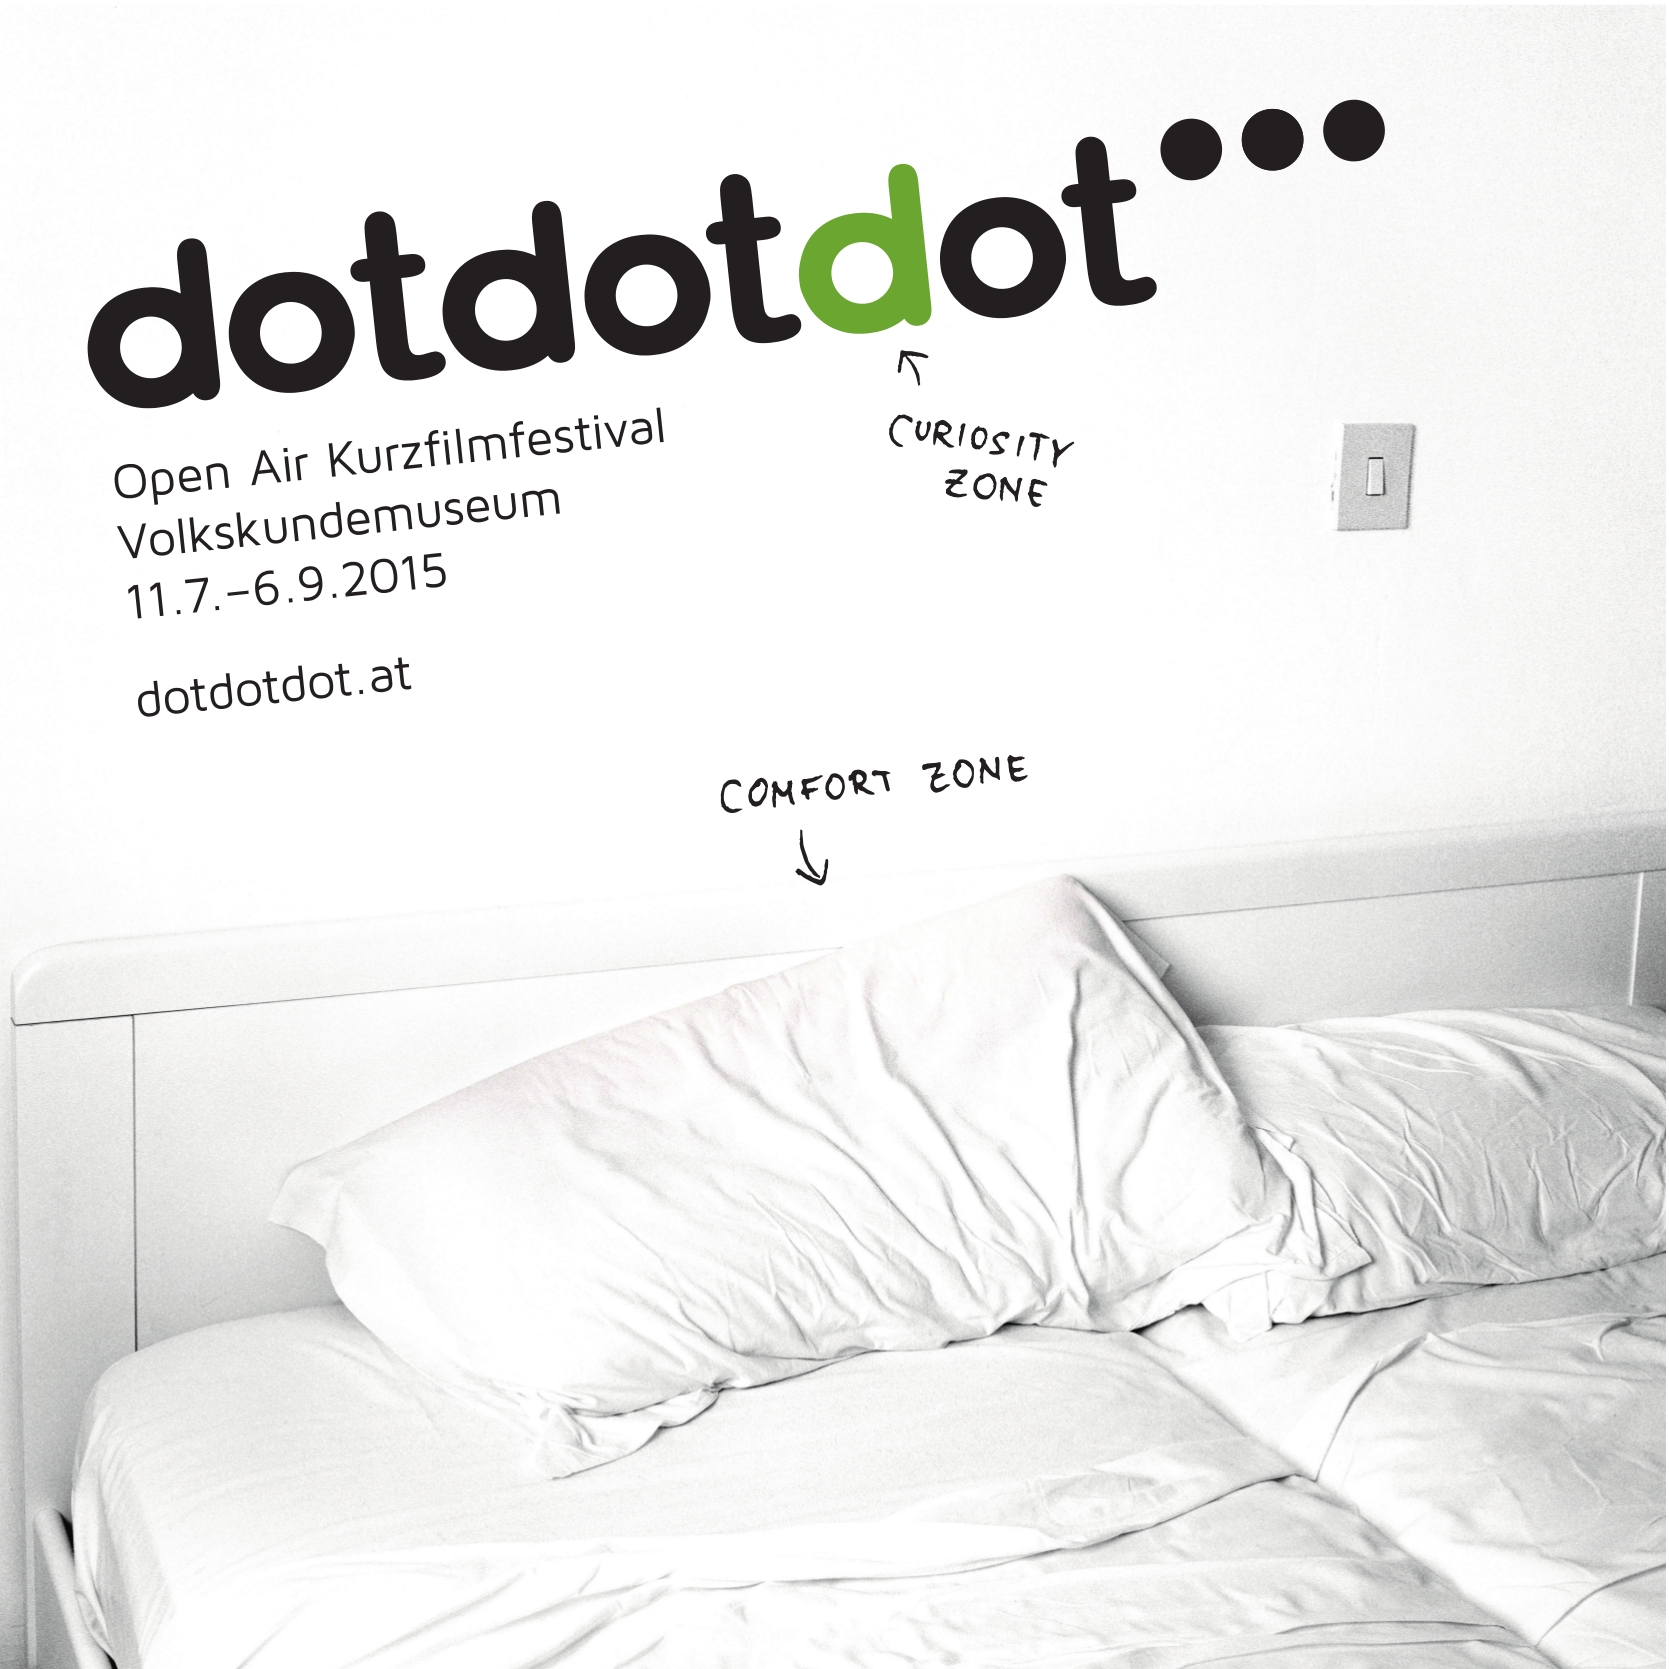 """""""dotdotdot"""" – ein barrierefreies Open Air Filmfestival in Wien"""